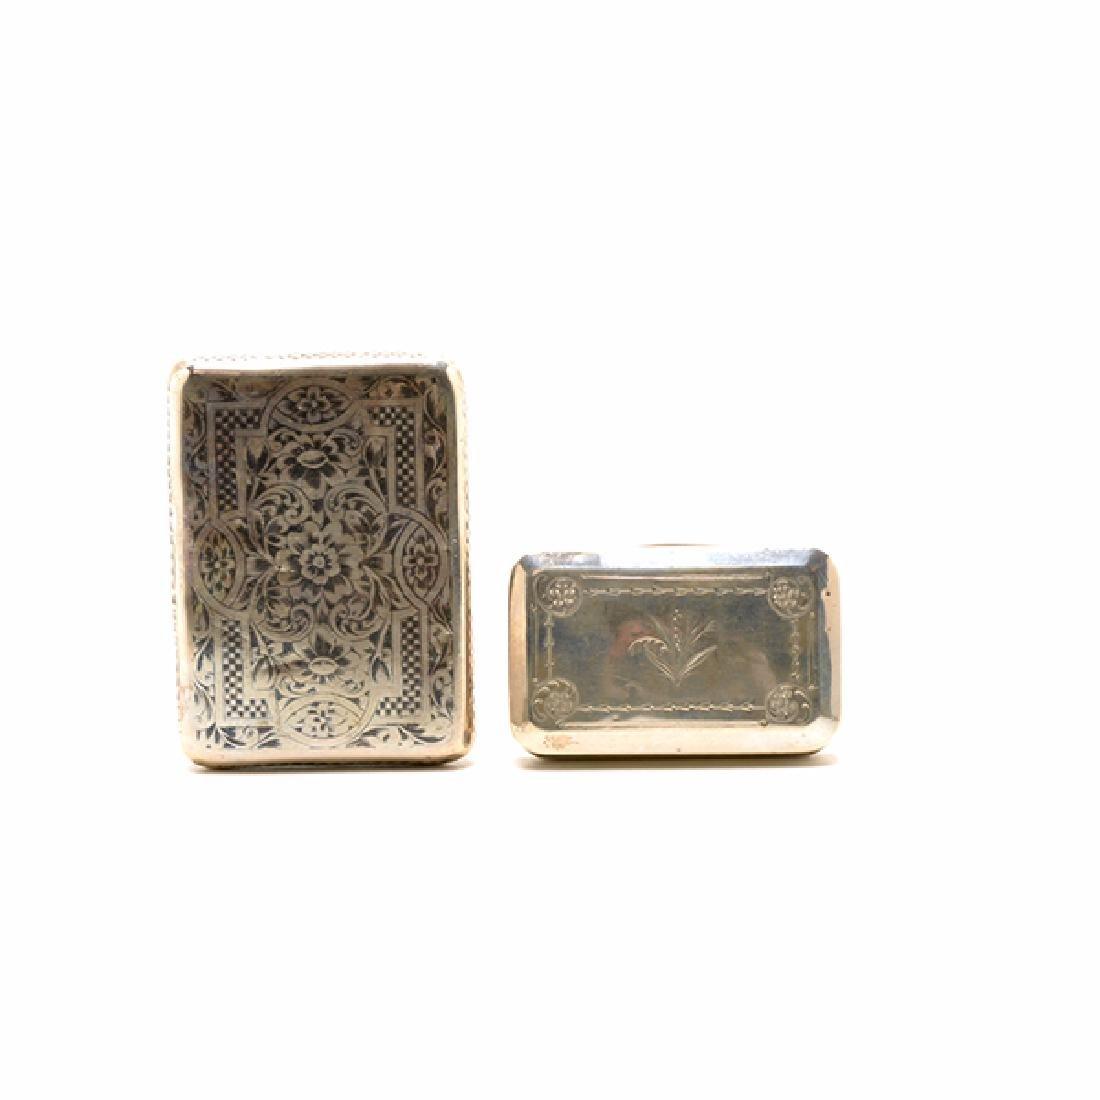 Seven Silver Snuff Boxes and Cigarette Cases - 3